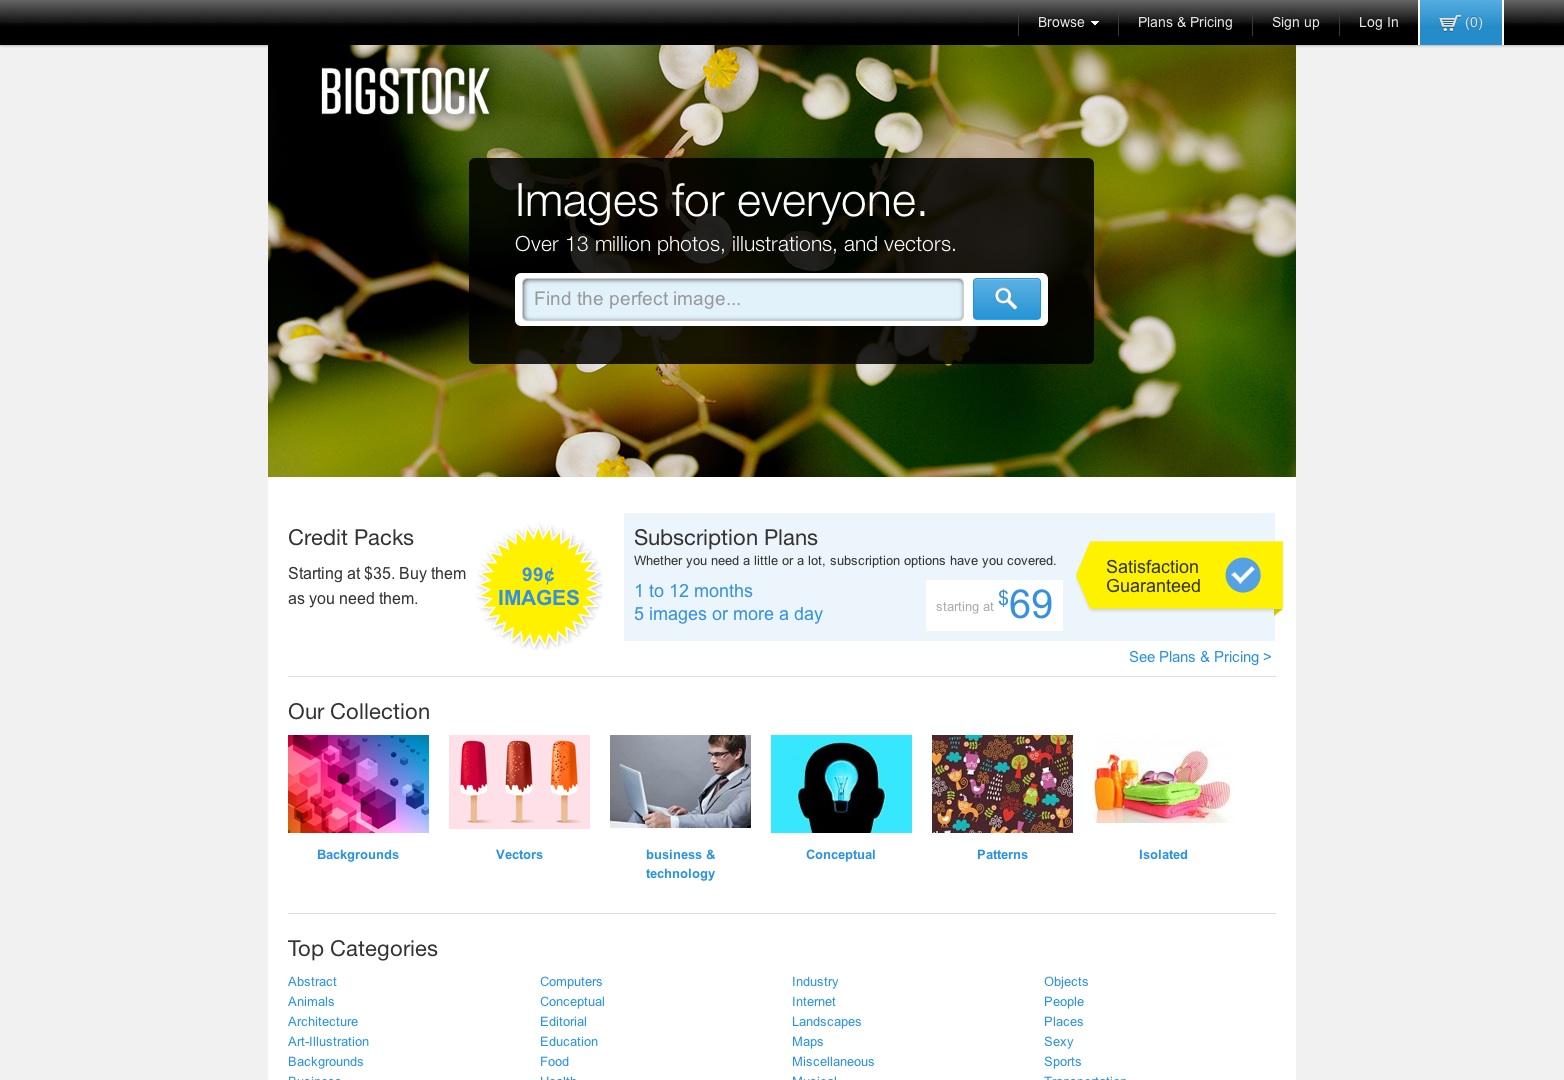 Fotos y vectores libres de stock | Bigstock